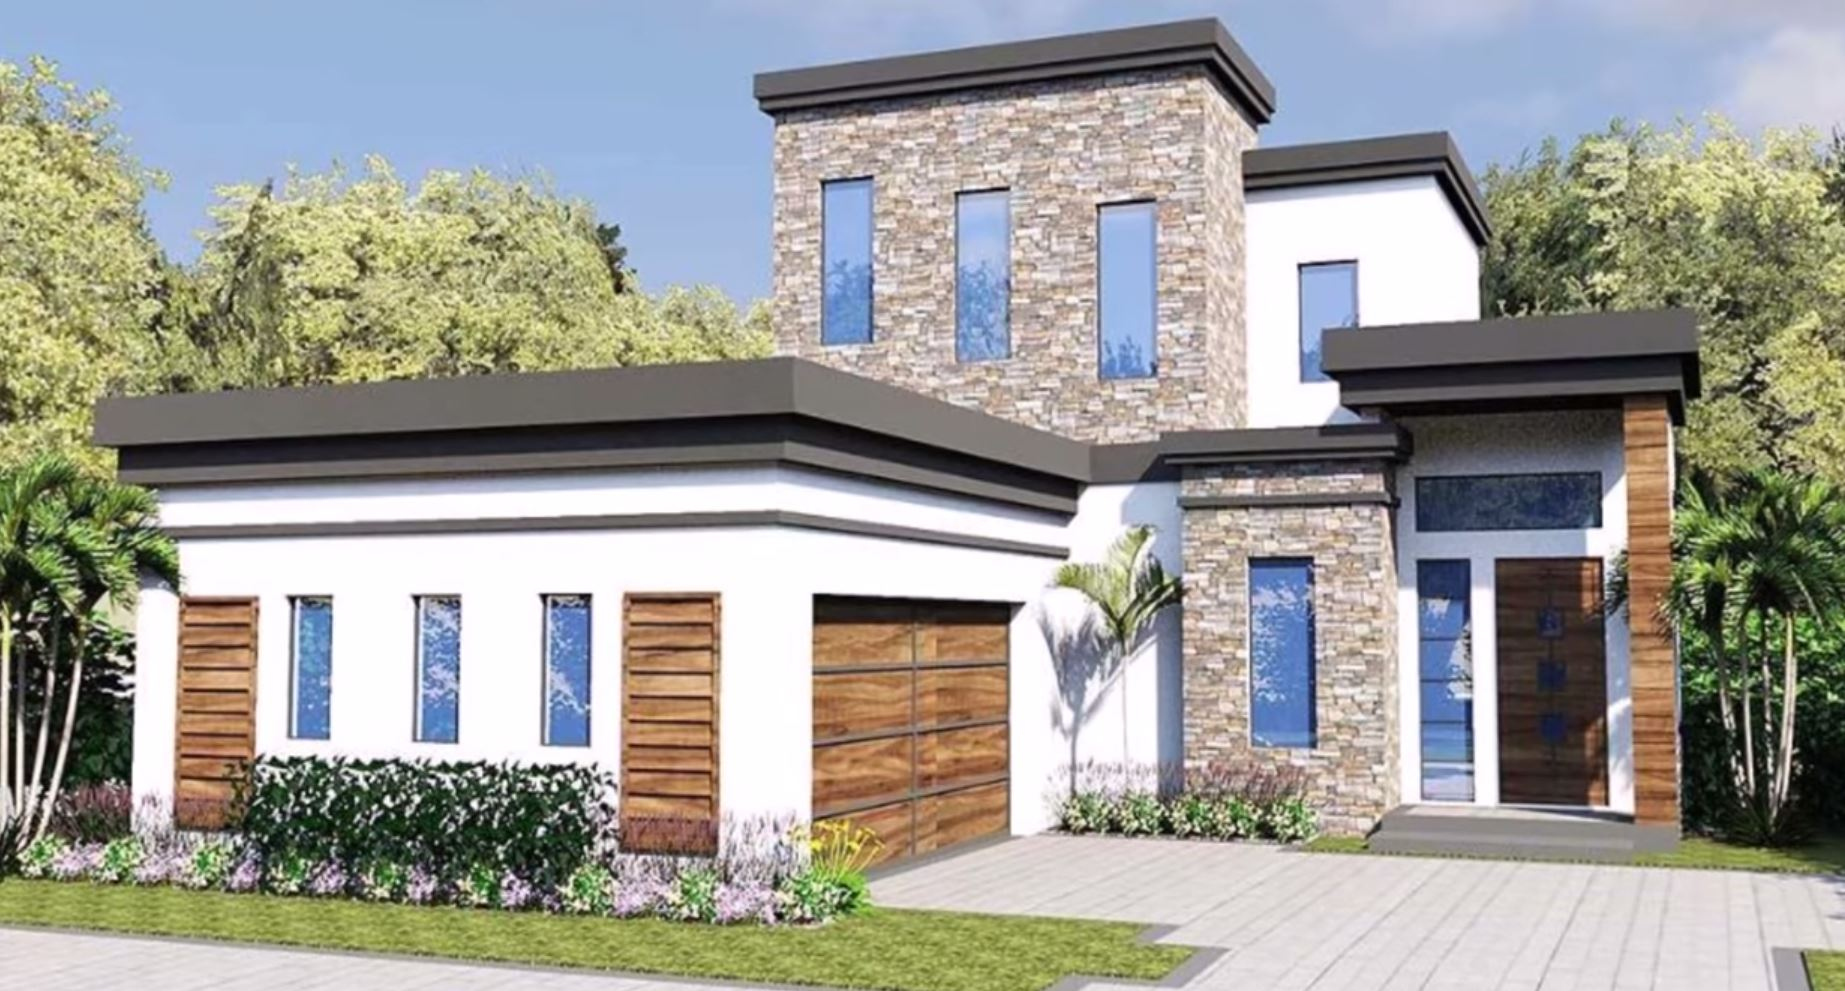 Plano de casa de dos plantas for Fachadas casas dos plantas